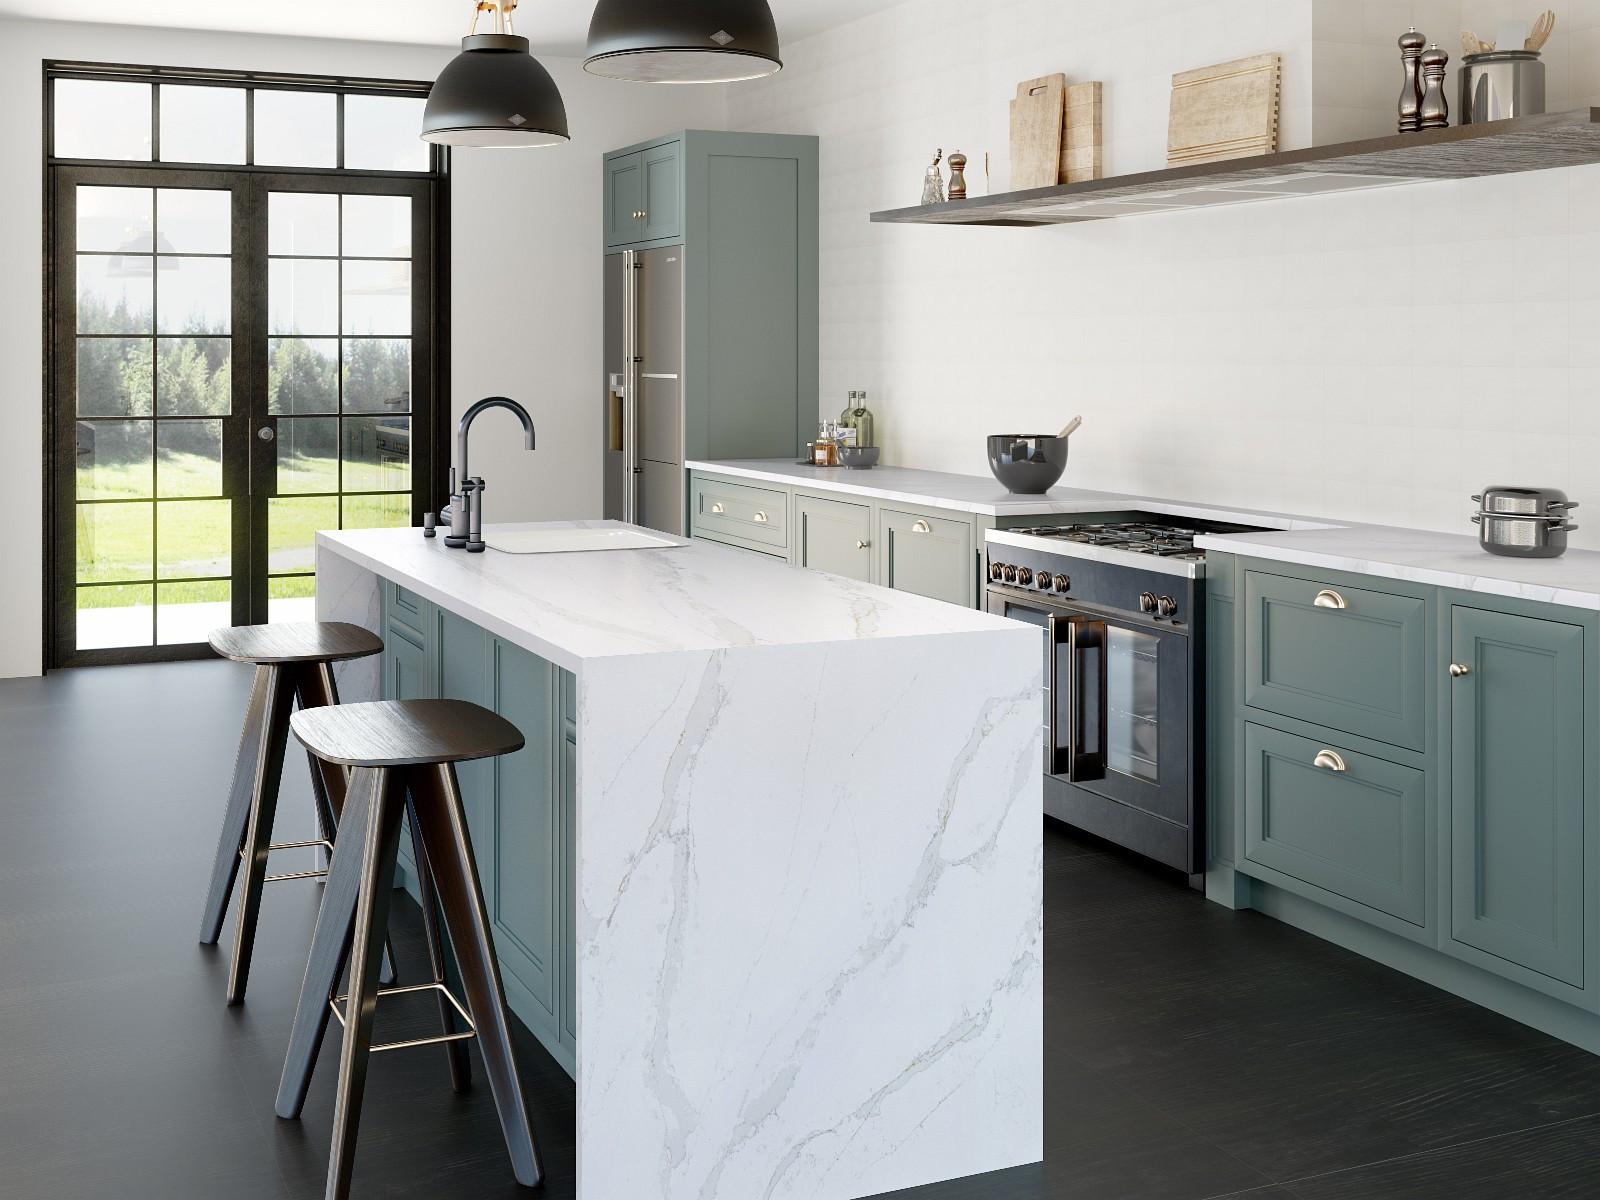 Enorm Benkeplater i granitt og marmor til kjøkken og bad | FINN.no WT-69